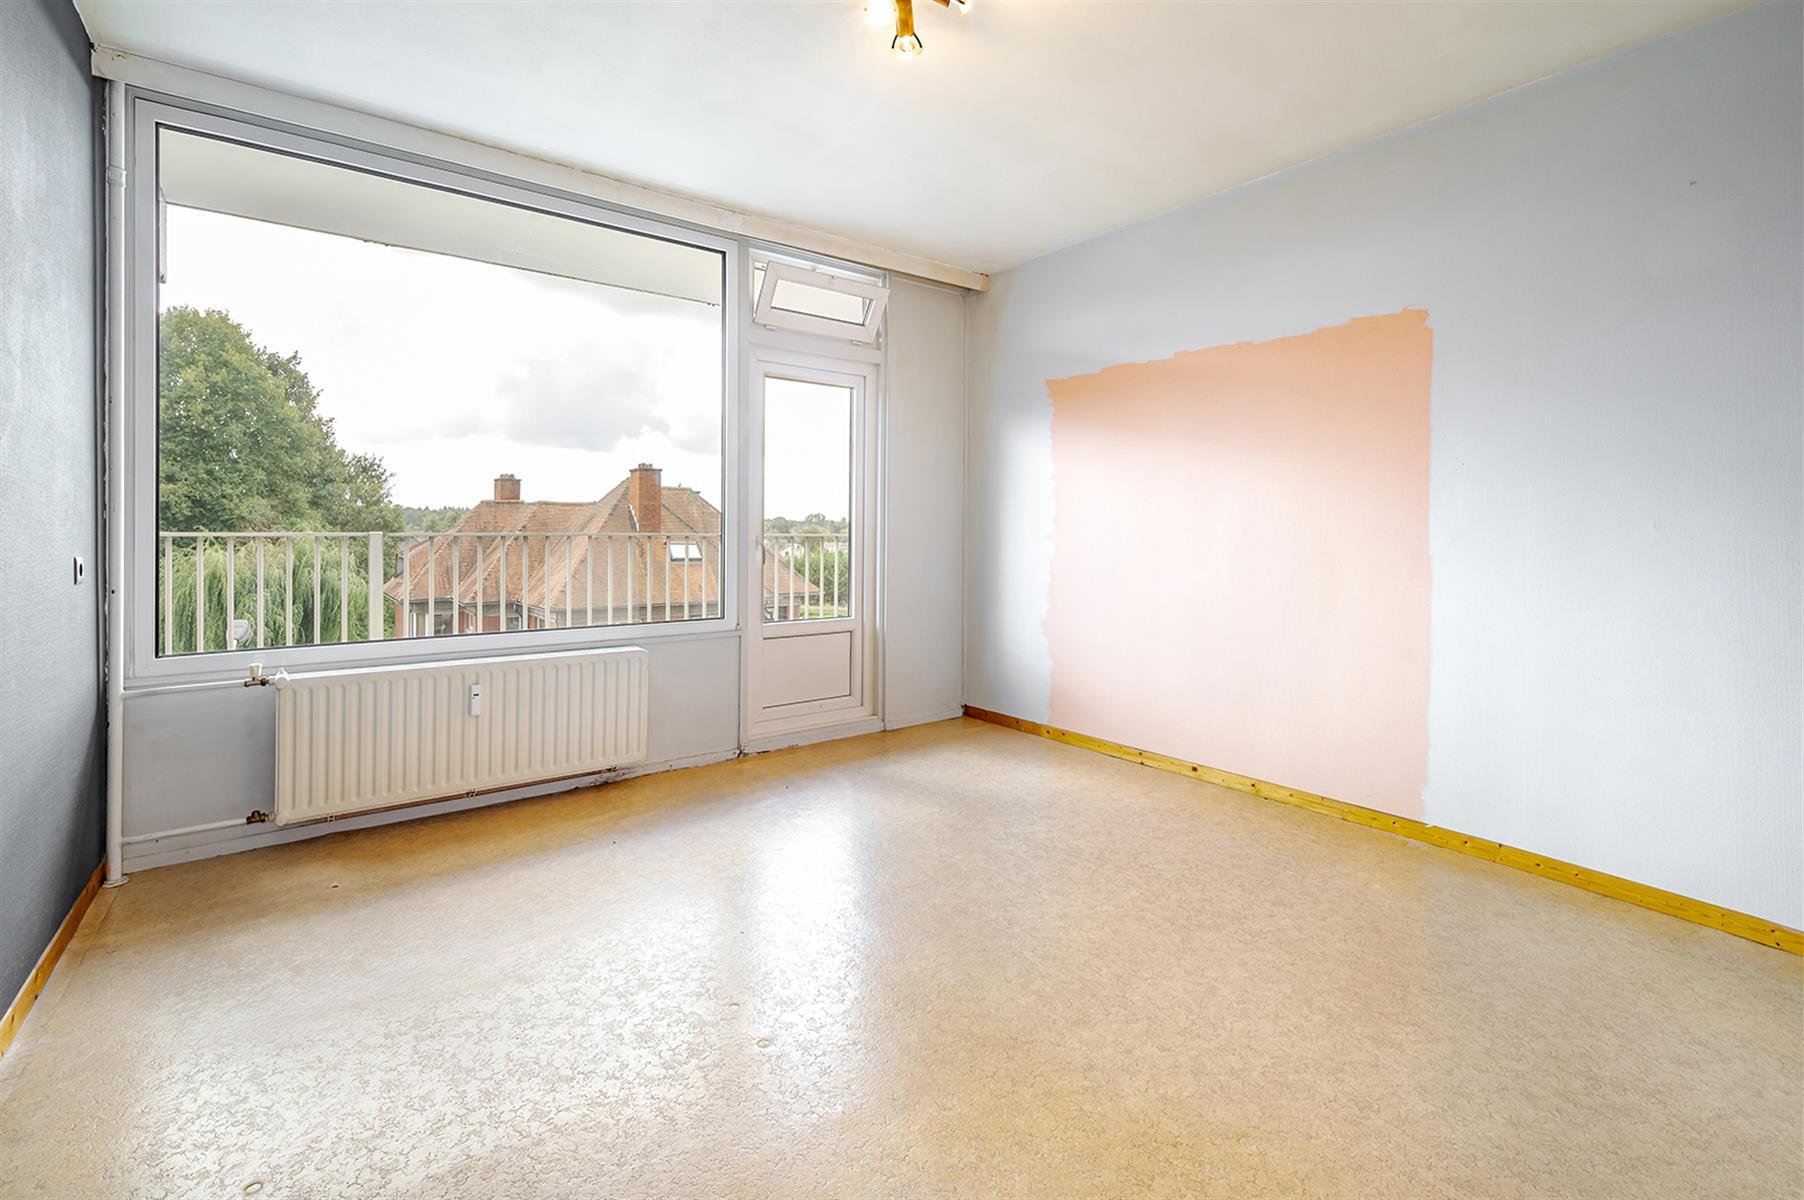 Appartement - Seraing Boncelles - #3858568-7